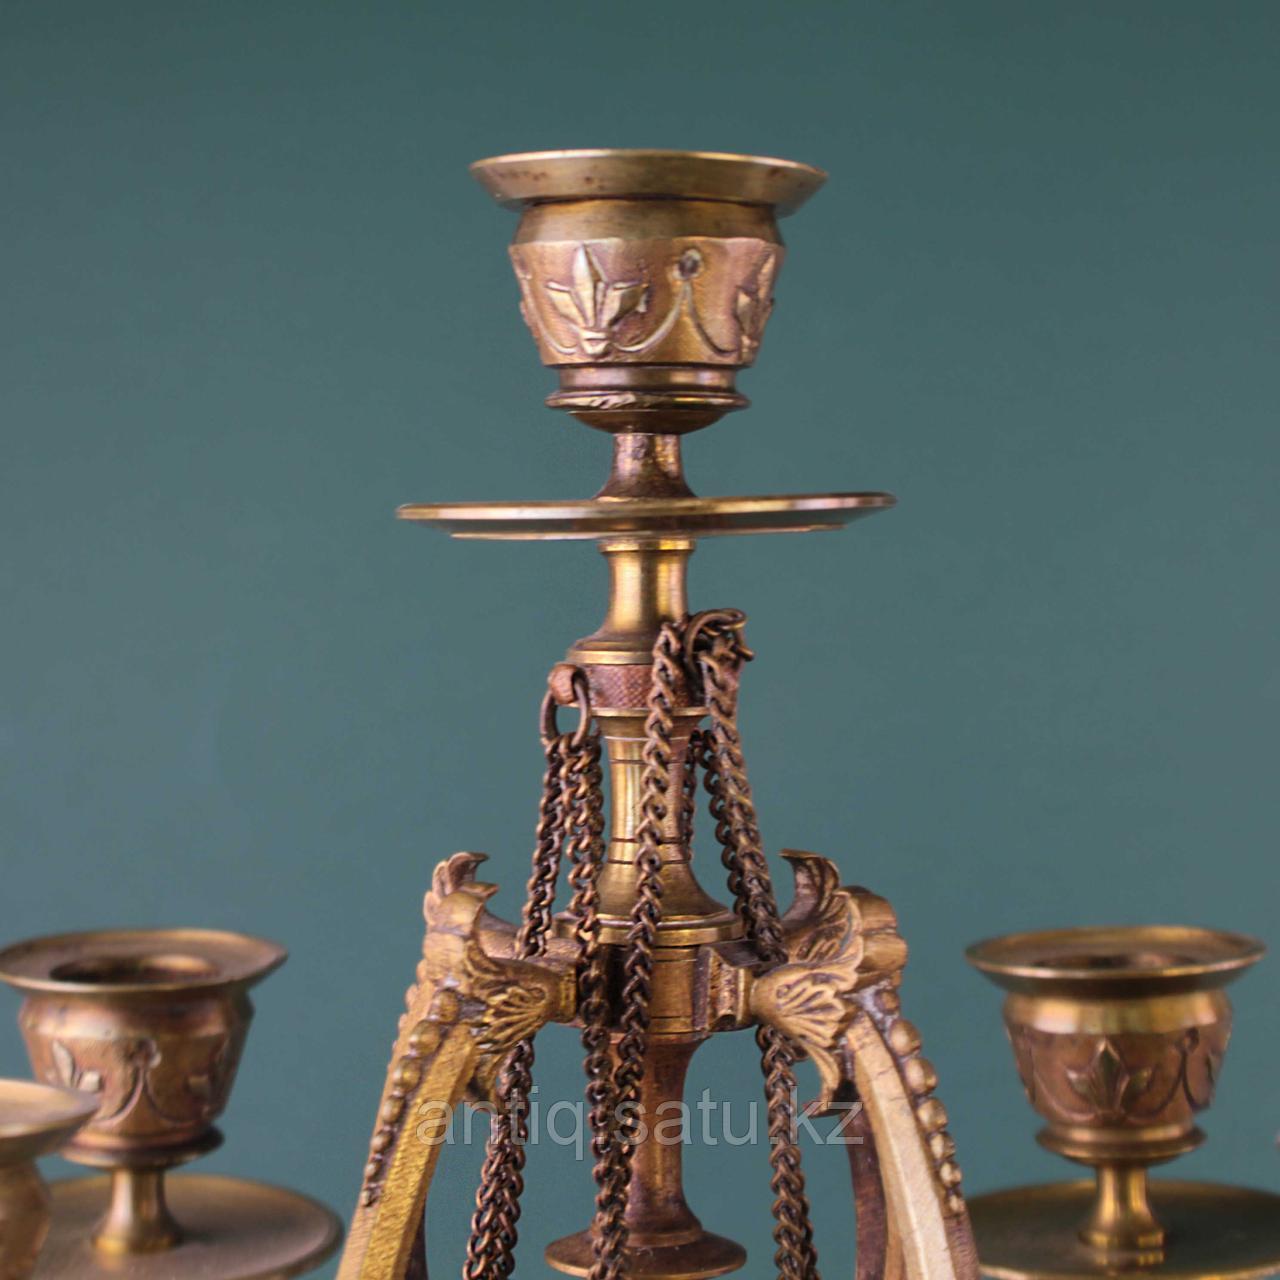 Пара канделябров в стиле Наполеона III. Франция. XIX век - фото 2